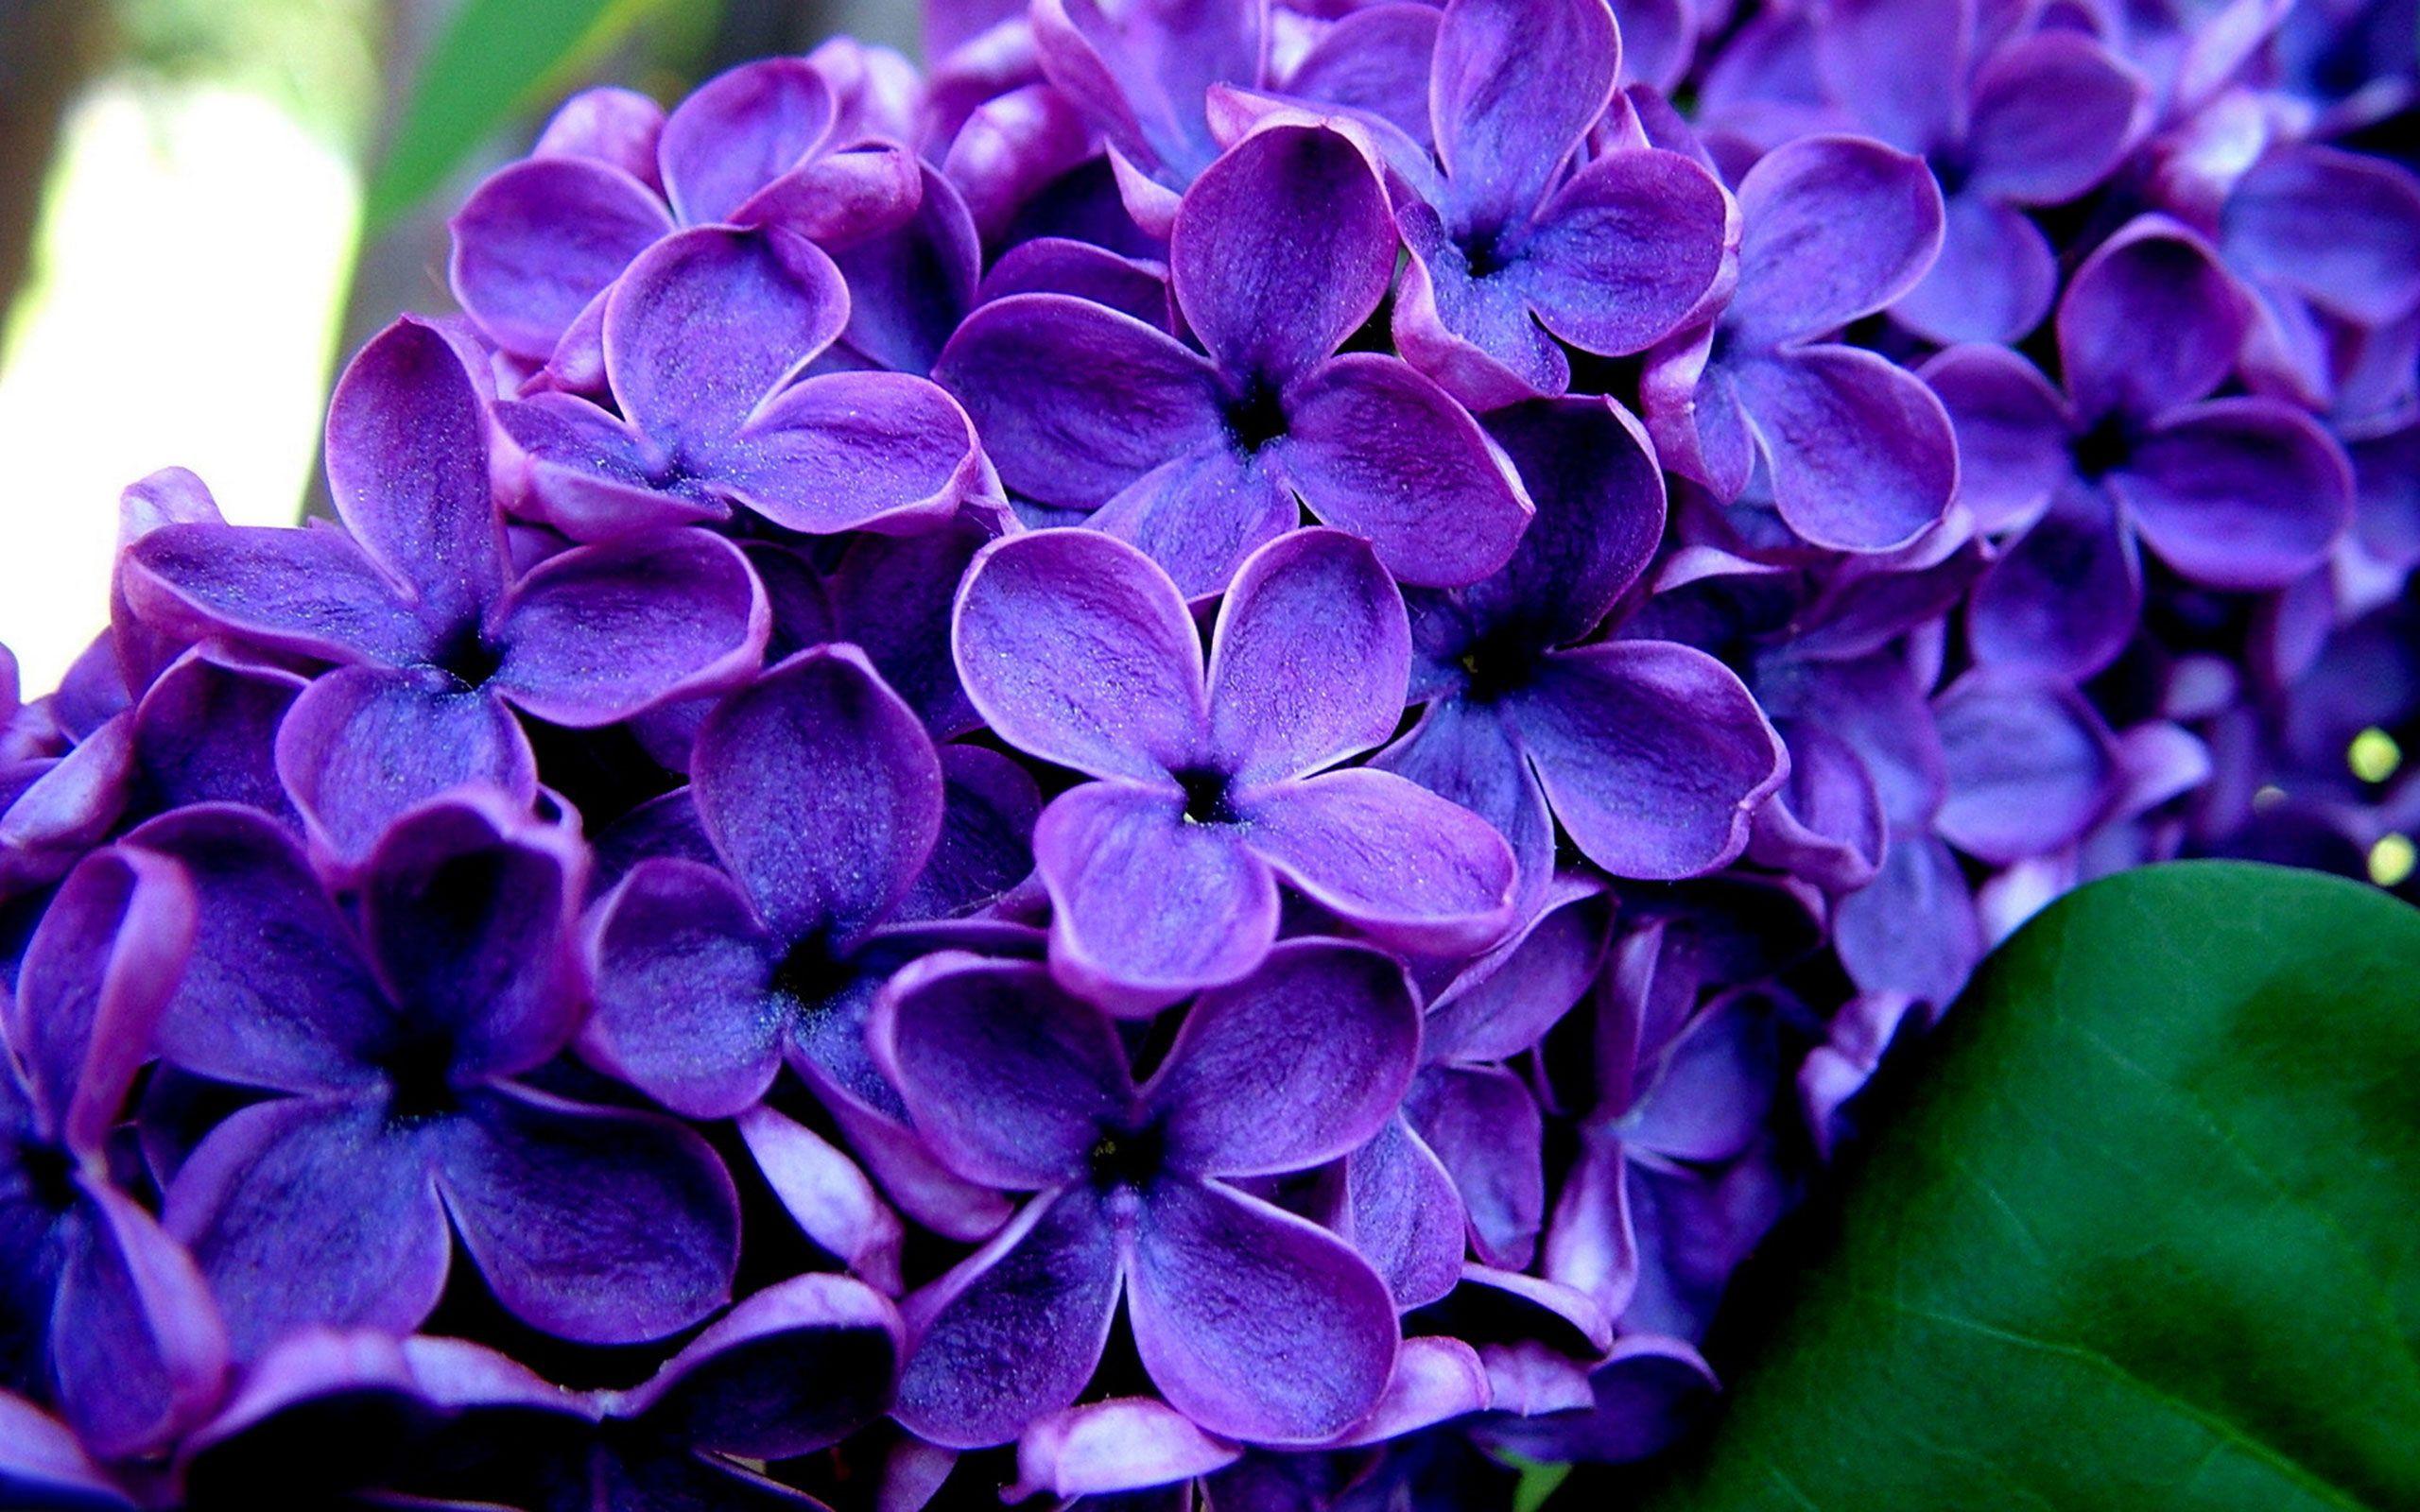 картинки анимации очень красивые цветы